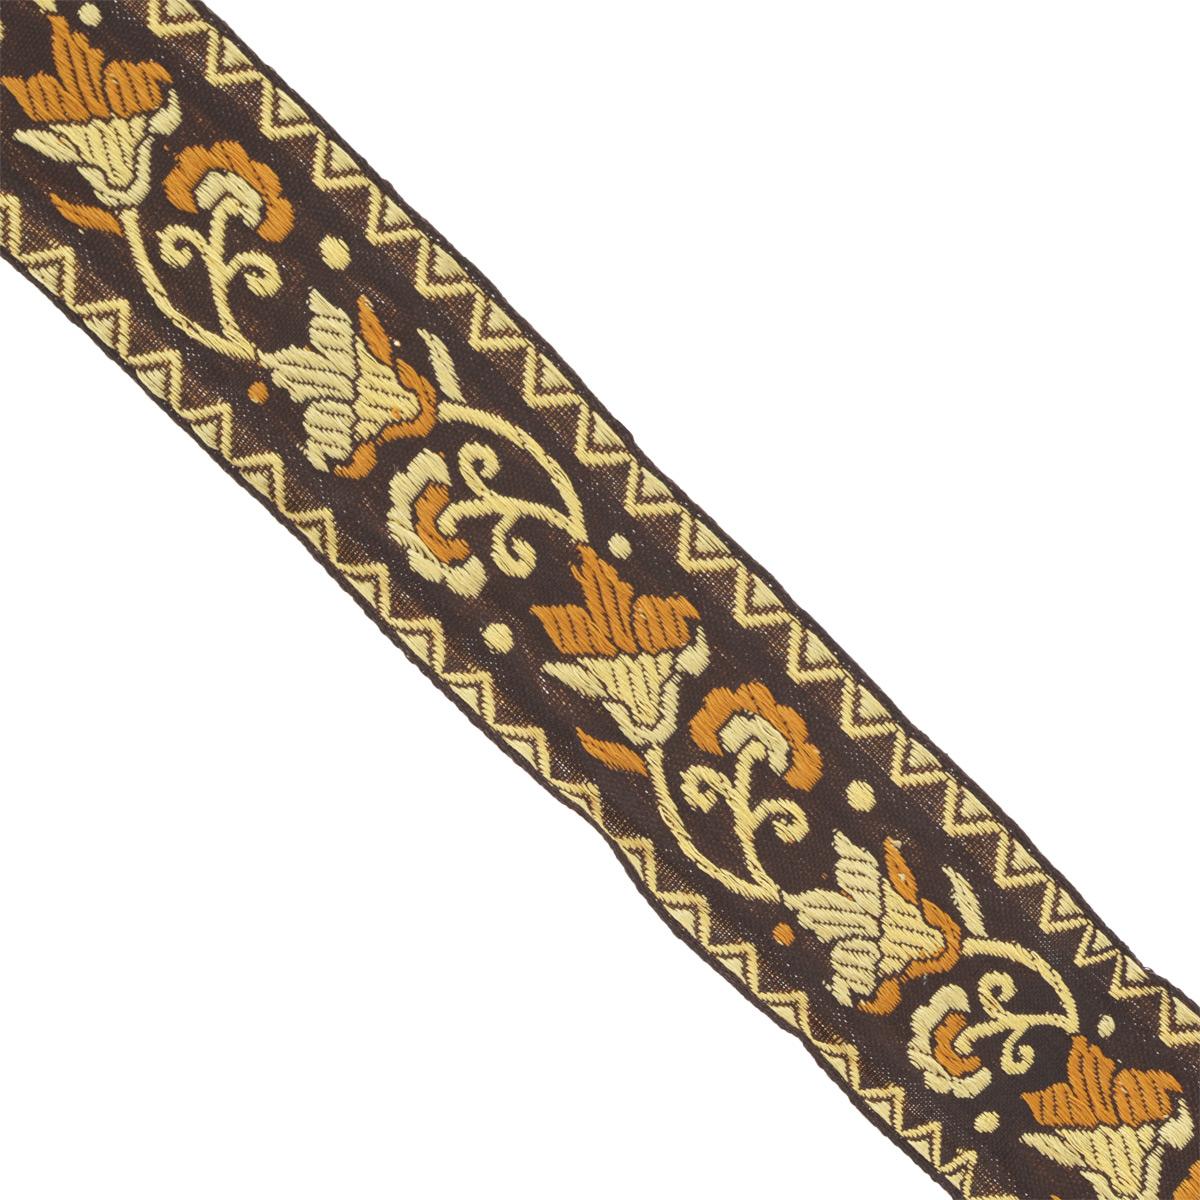 Тесьма декоративная Астра, цвет: черный, ширина 4 см, длина 16,4 м. 77033837703383Декоративная тесьма Астра выполнена из текстиля и оформлена оригинальным орнаментом. Такая тесьма идеально подойдет для оформления различных творческих работ таких, как скрапбукинг, аппликация, декор коробок и открыток и многое другое. Тесьма наивысшего качества и практична в использовании. Она станет незаменимым элементом в создании рукотворного шедевра. Ширина: 4 см. Длина: 16,4 м.